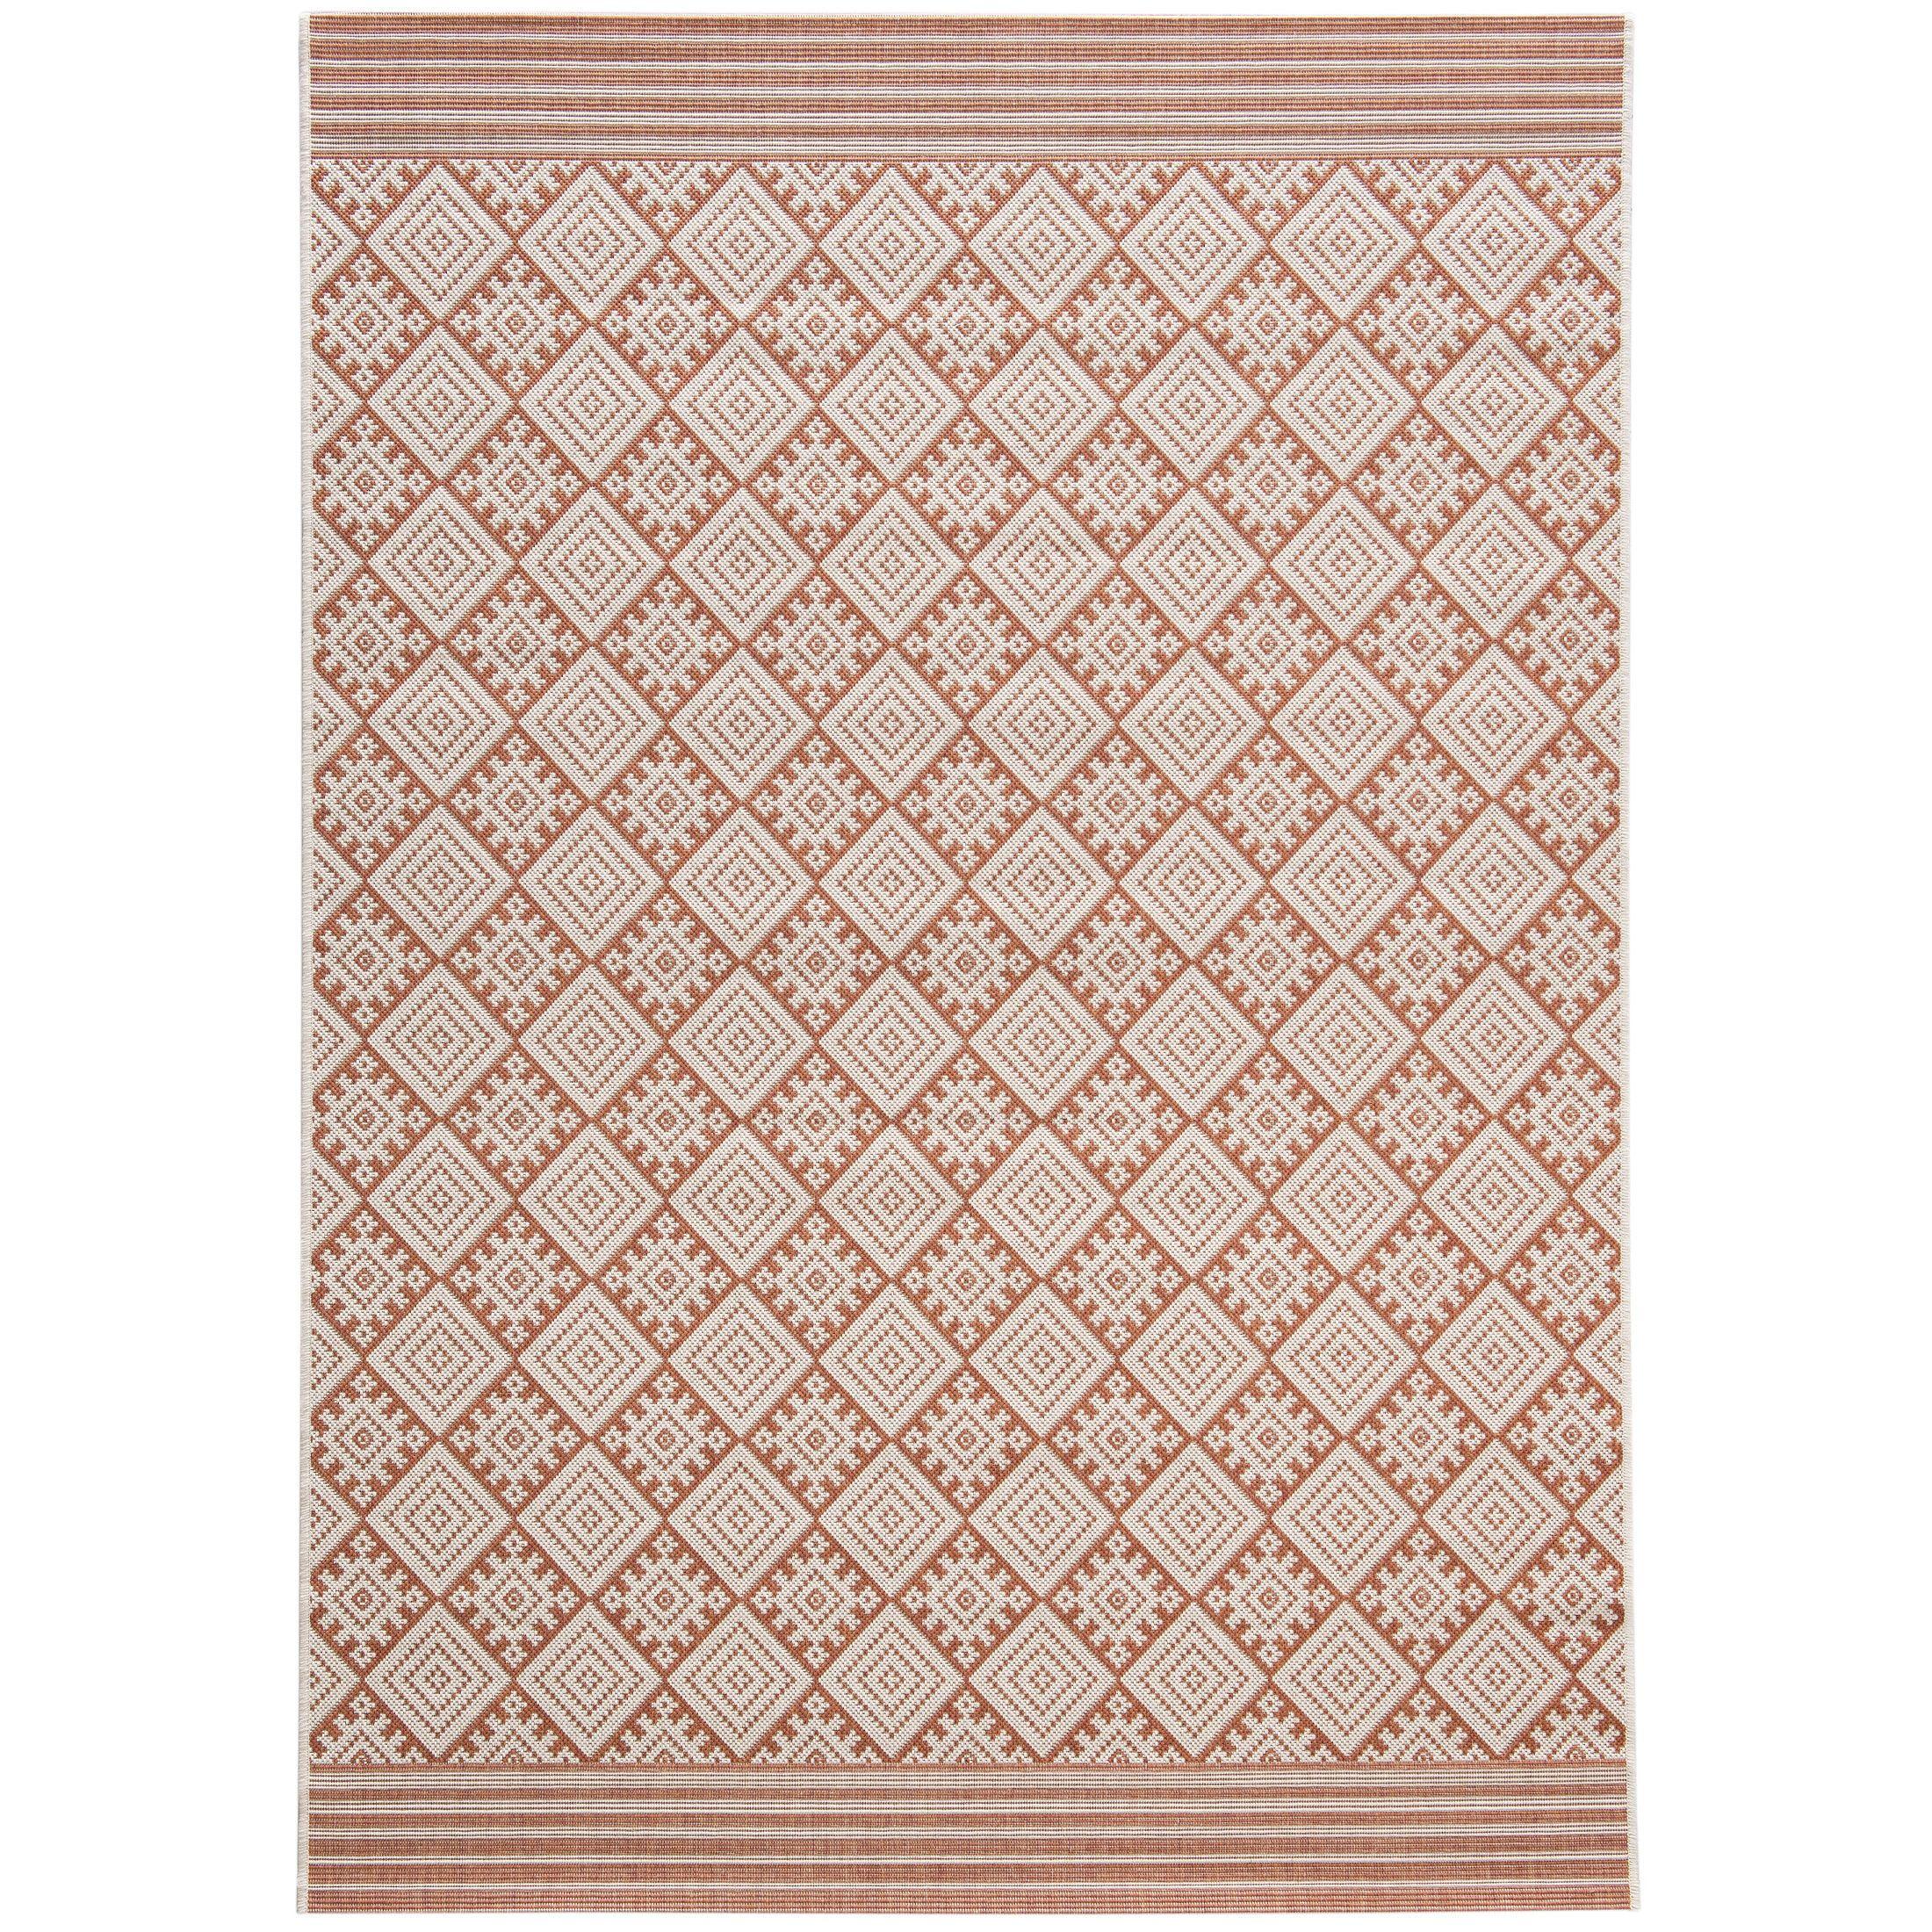 EXETER Designer-Teppiche Kibek | Inspo. | Pinterest | Modern ...